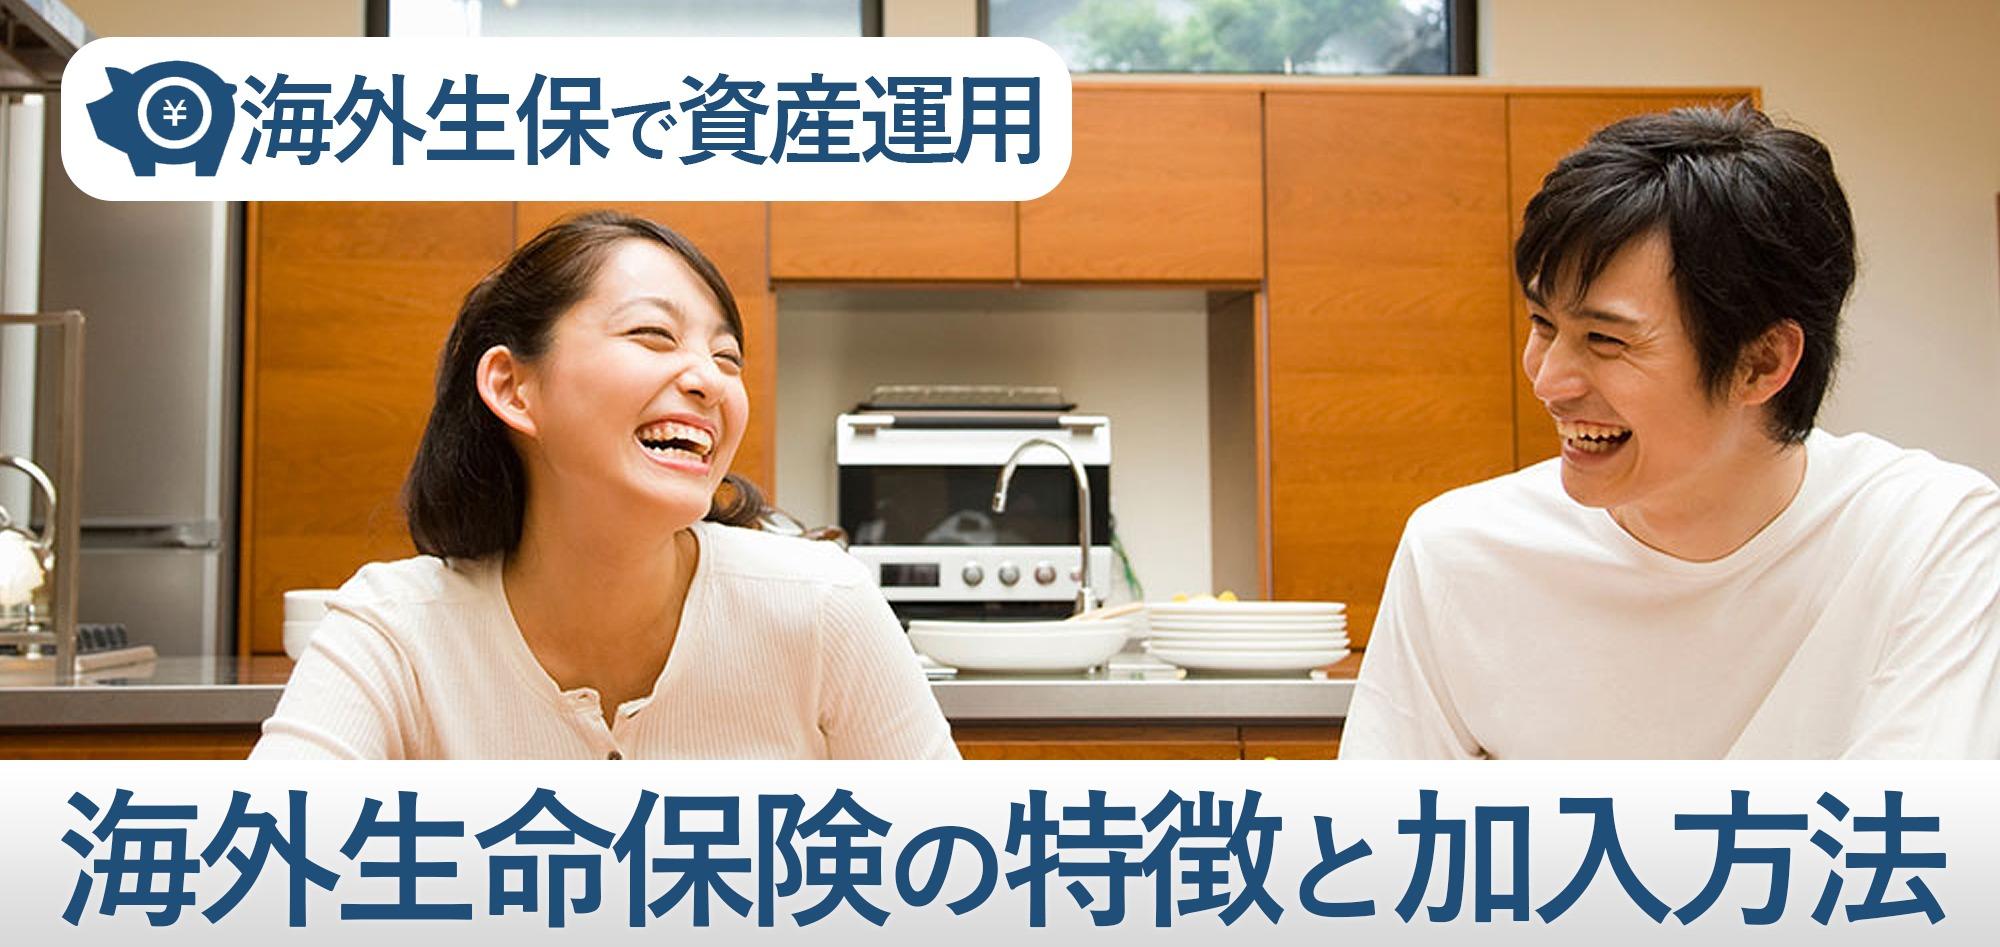 海外生命保険の特徴と加入補法